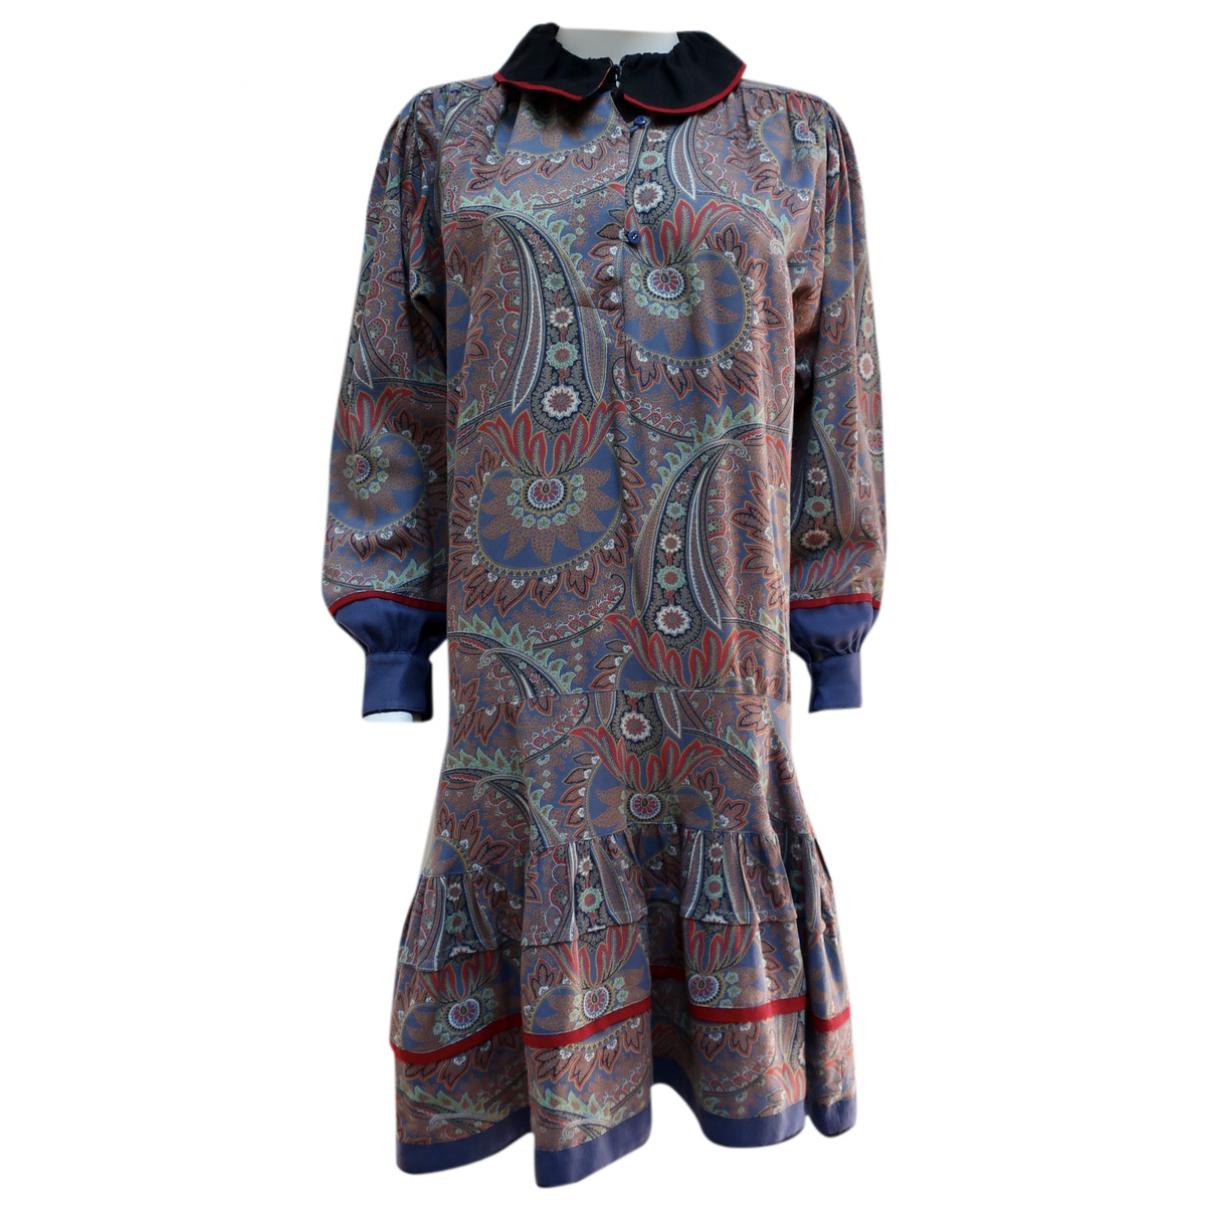 Kenzo \N Kleid in  Bunt Wolle